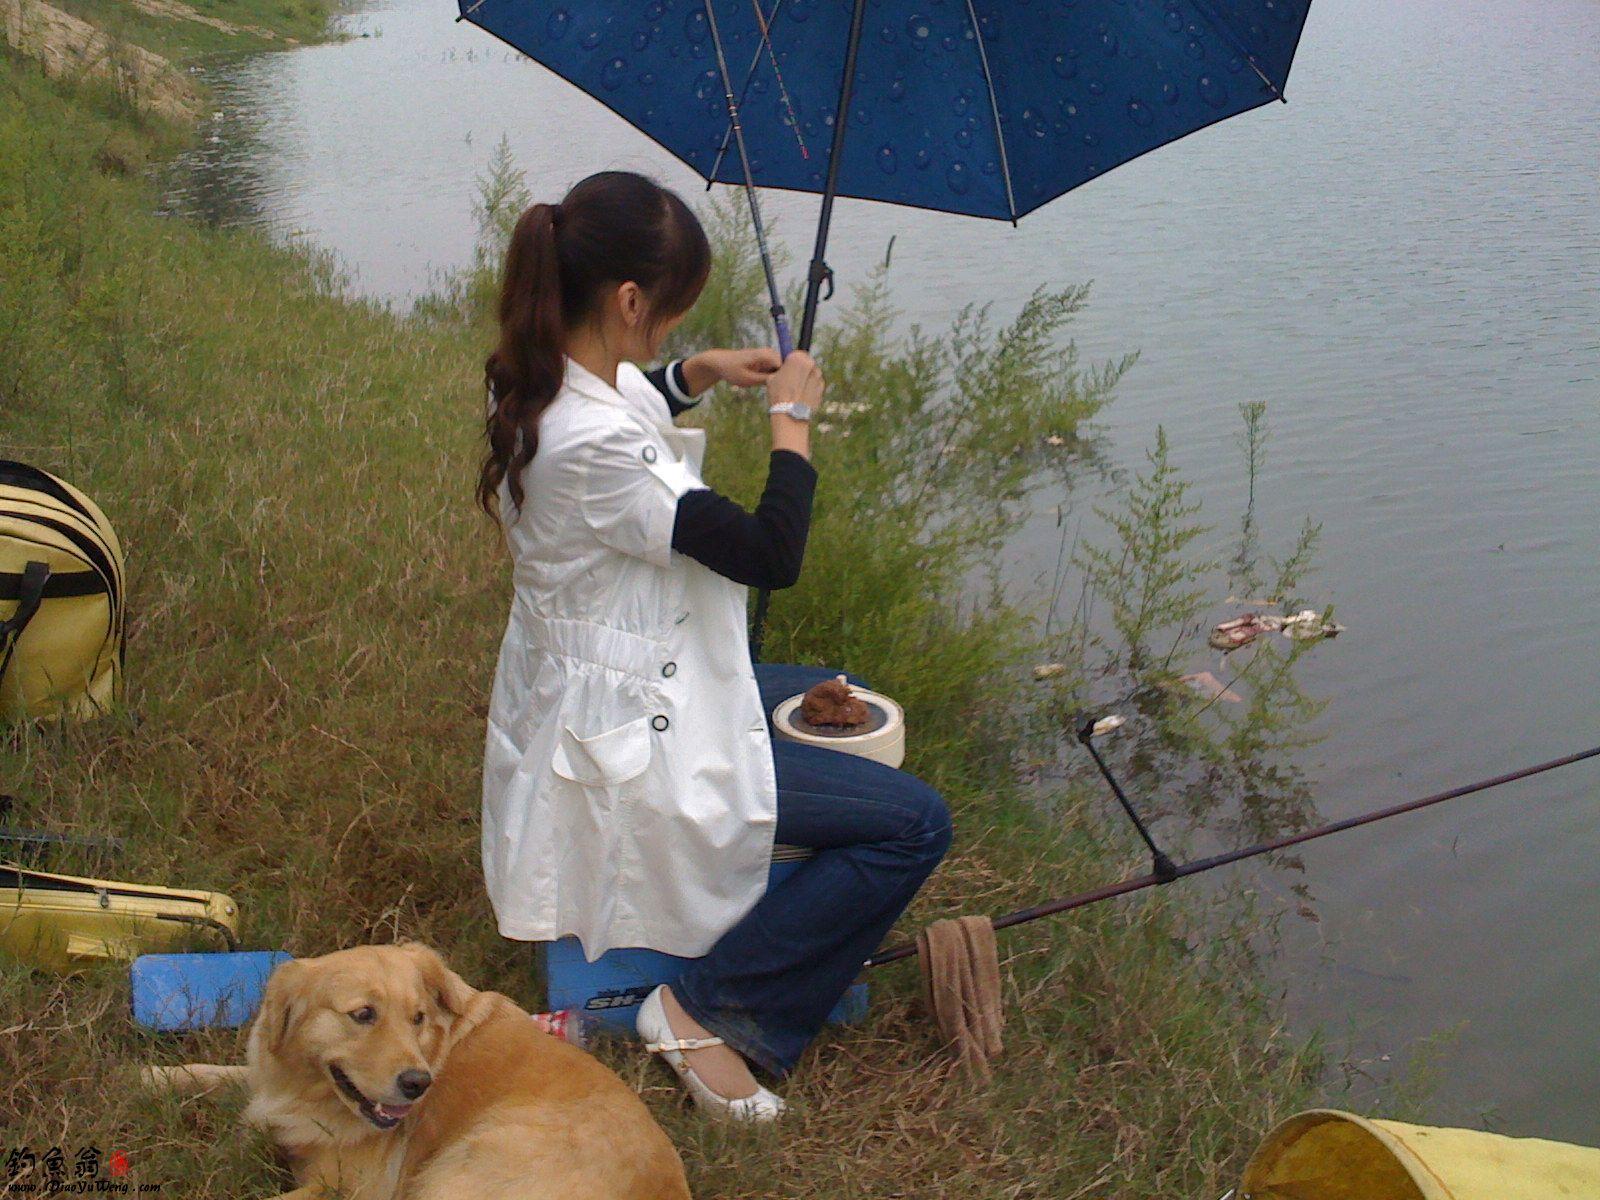 女孩钓鱼,美女钓鱼